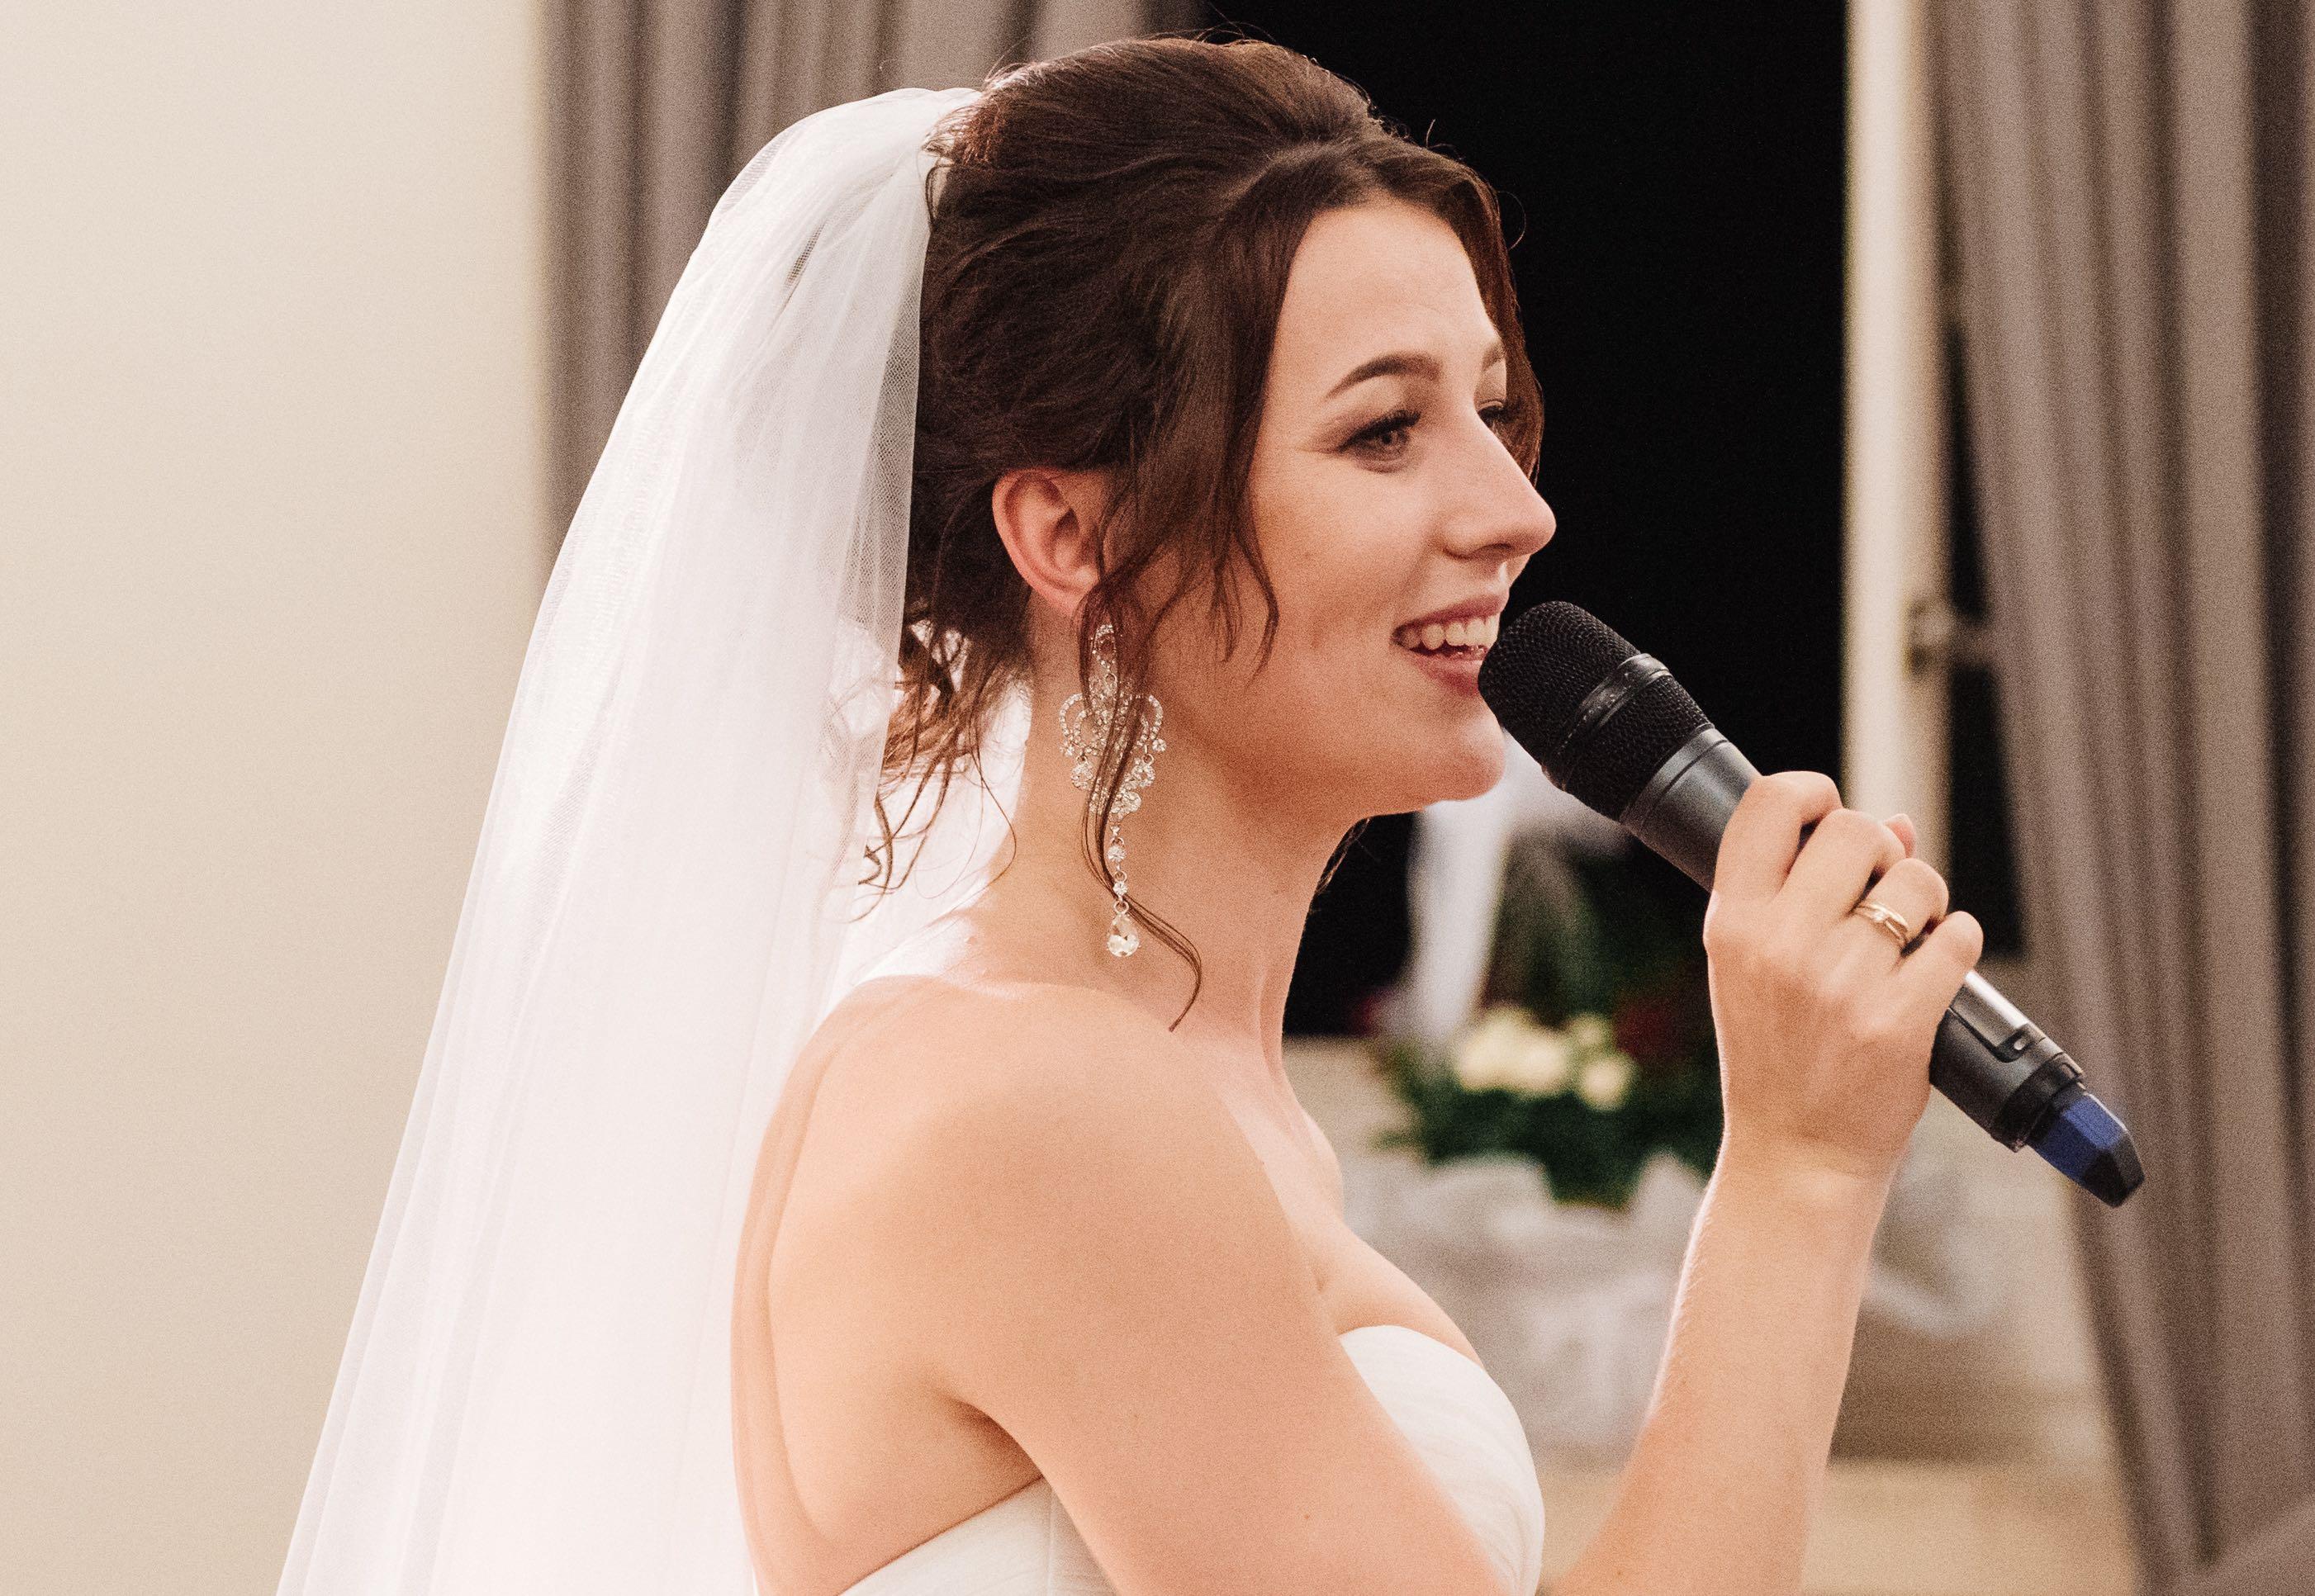 Zelf Zingen Op Je Bruiloft Durf Jij Het Lees Hier Onze